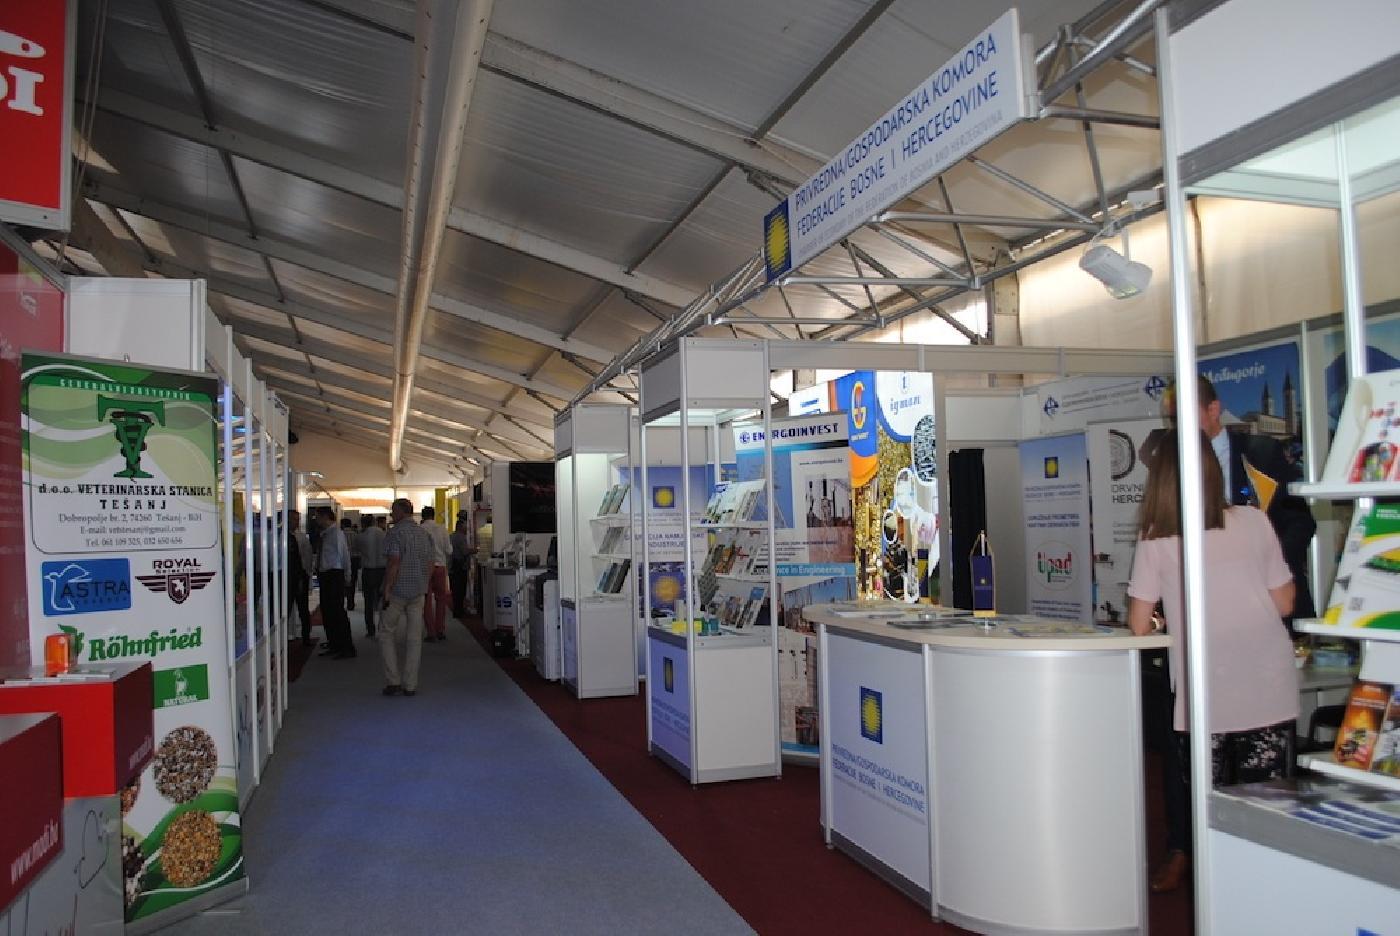 Privredna komora USK na 15. međunarodnom sajmu privrede Tešanj 2019